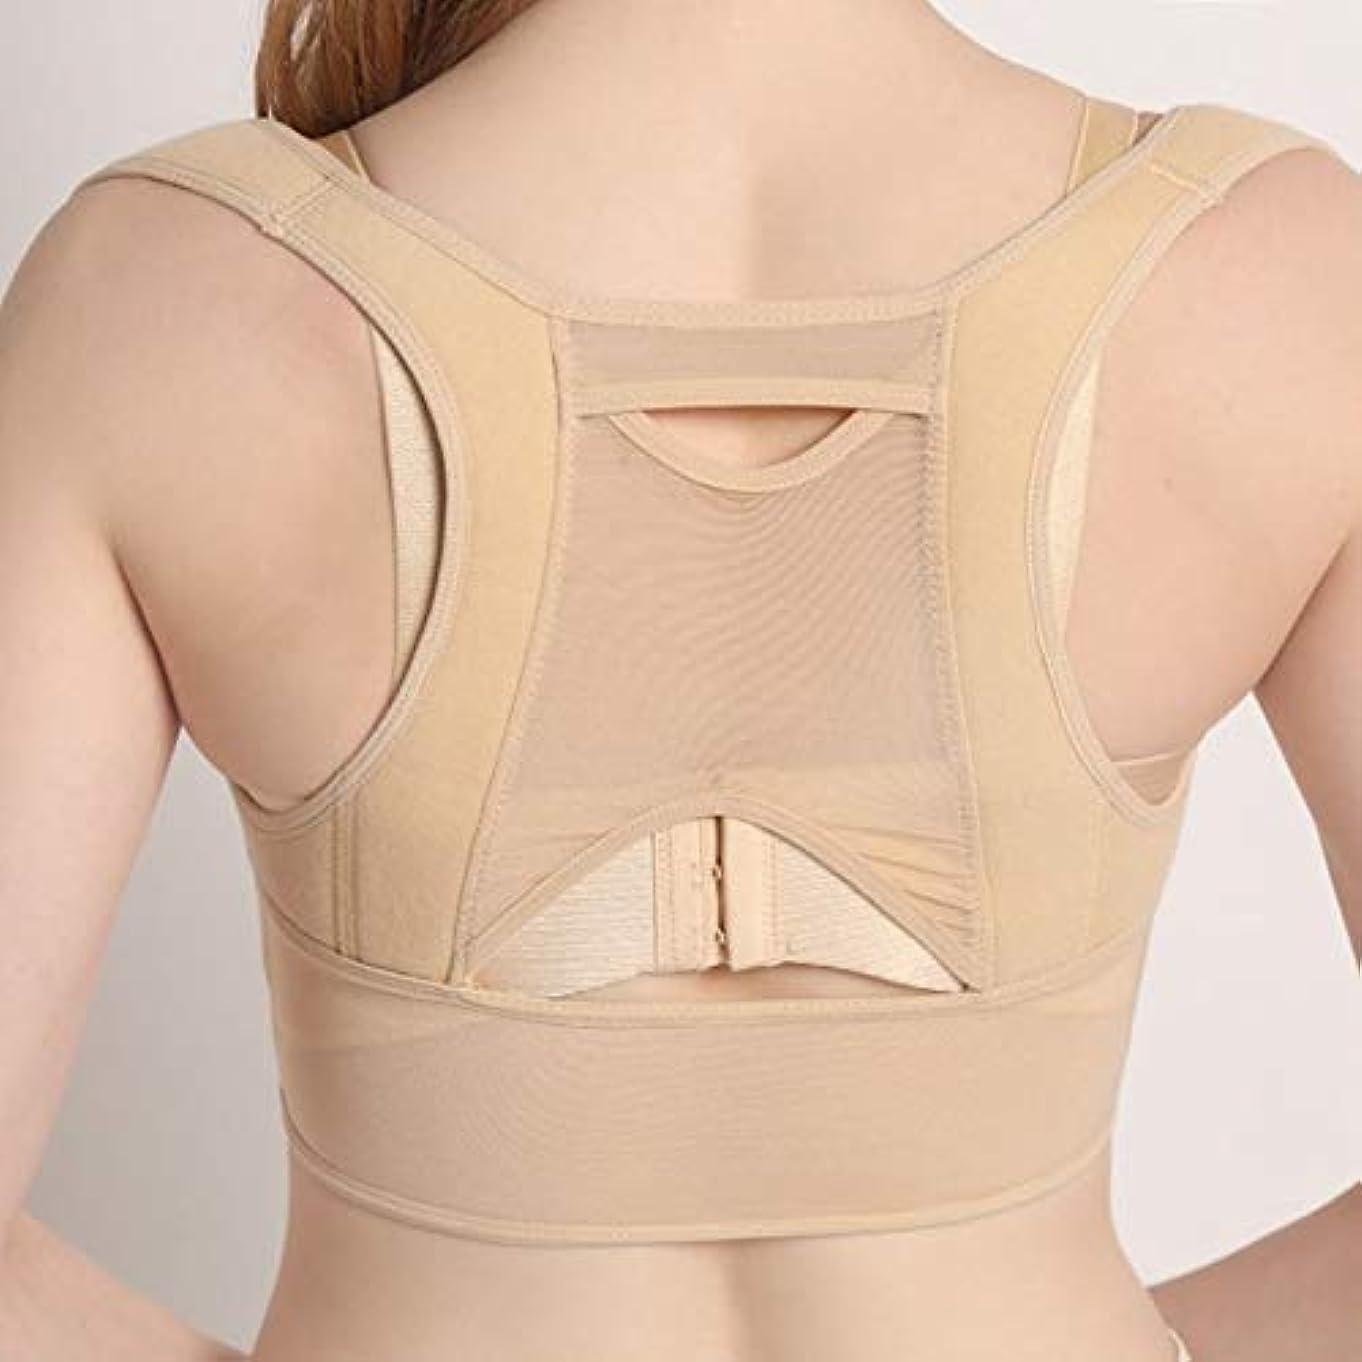 戦術誰がかかわらず通気性のある女性の背中の姿勢矯正コルセット整形外科の肩の背骨の背骨の姿勢矯正腰椎サポート